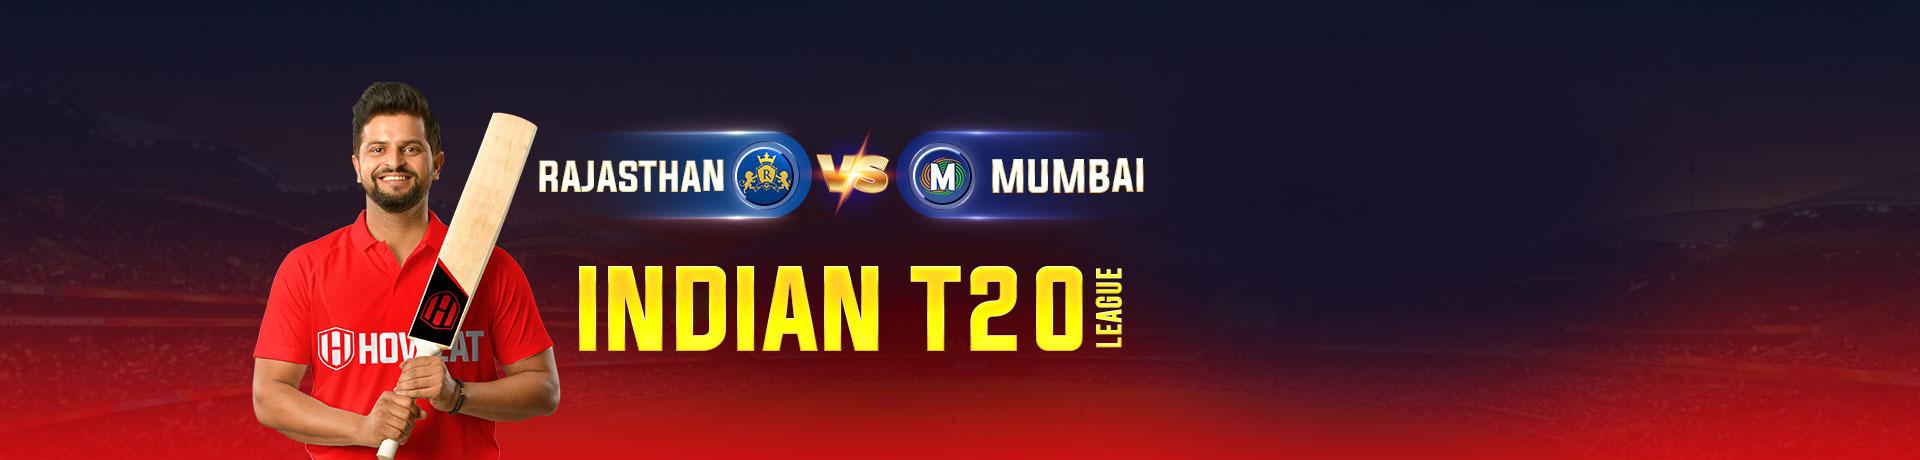 Rajasthan vs Mumbai Indian T20 League